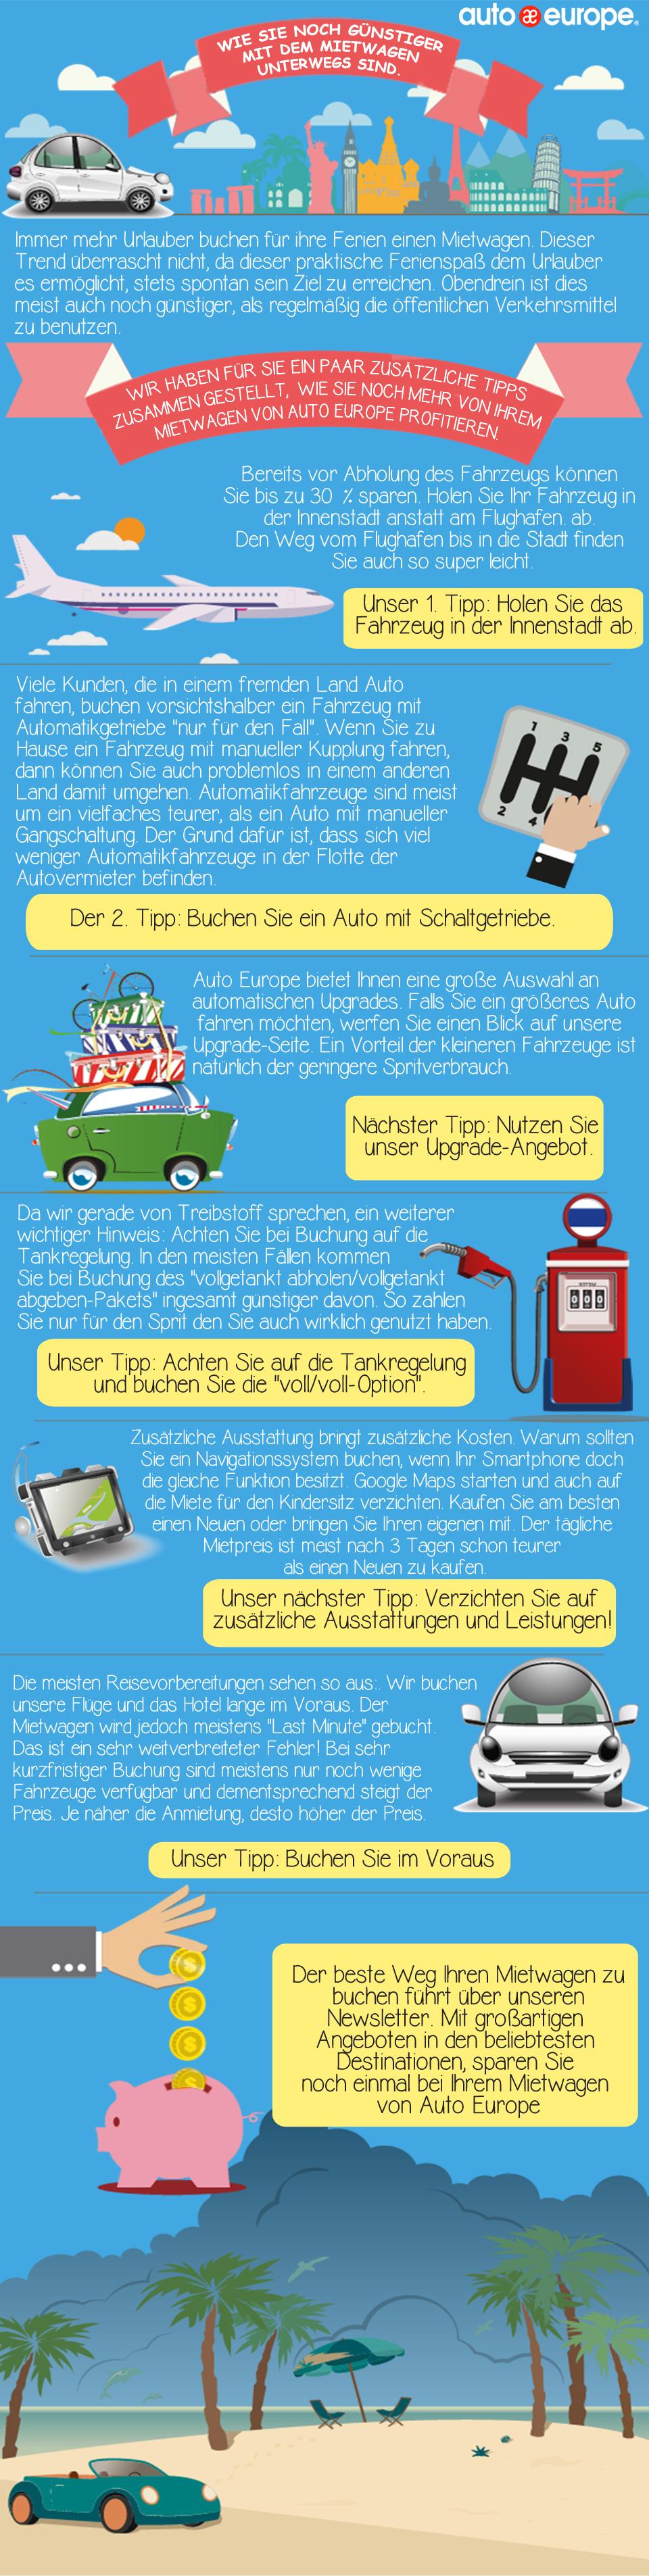 Spartipps Auto Europe